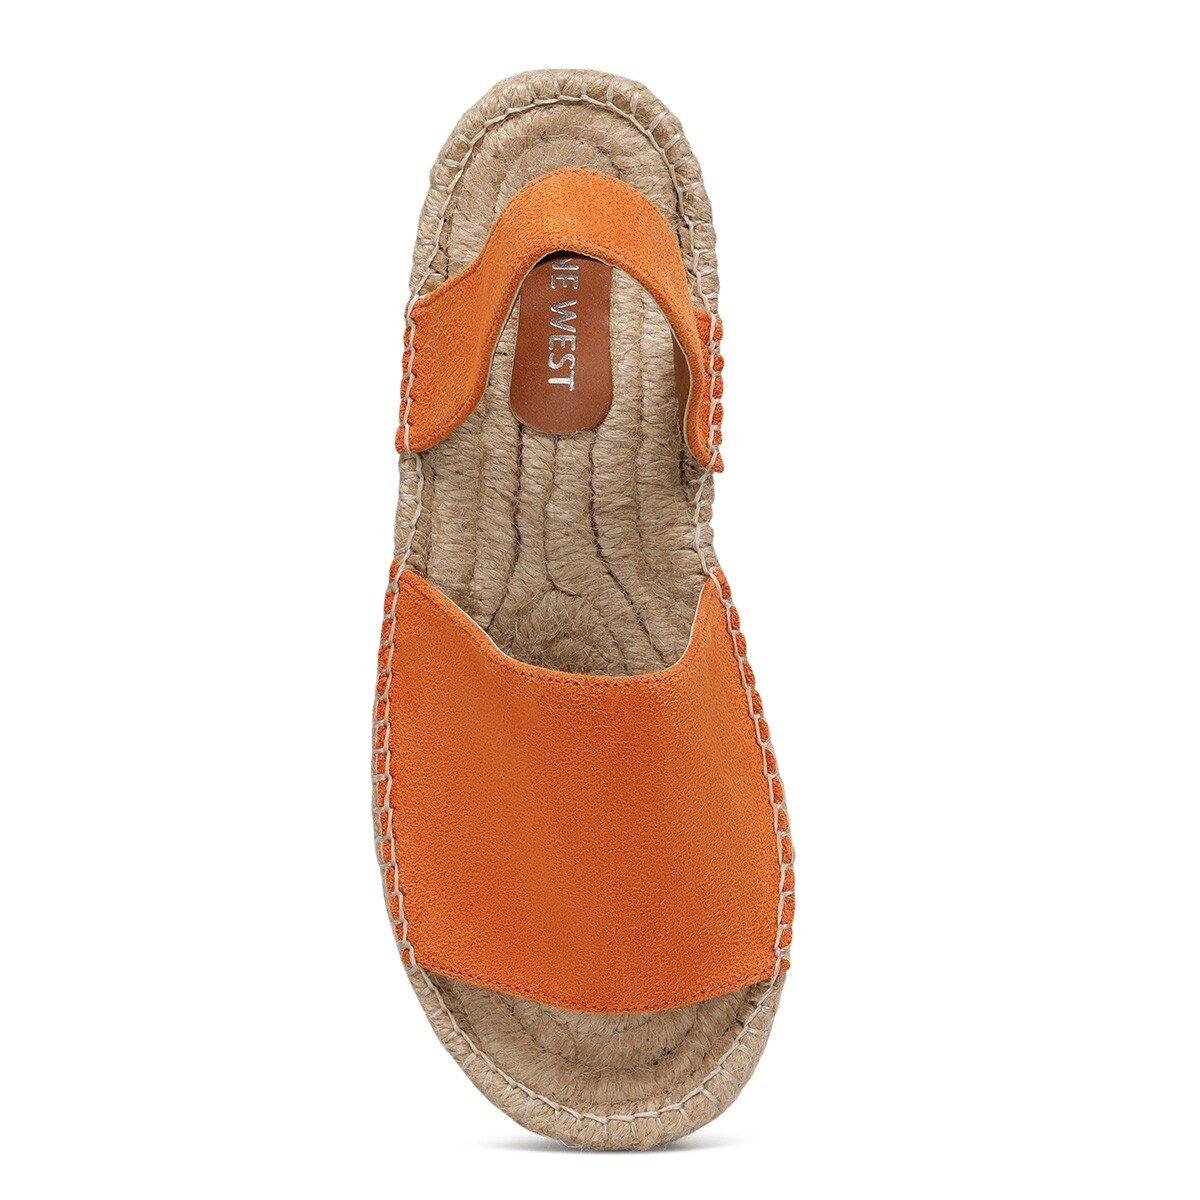 RILLA 1FX Turuncu Kadın Espadril Ayakkabı